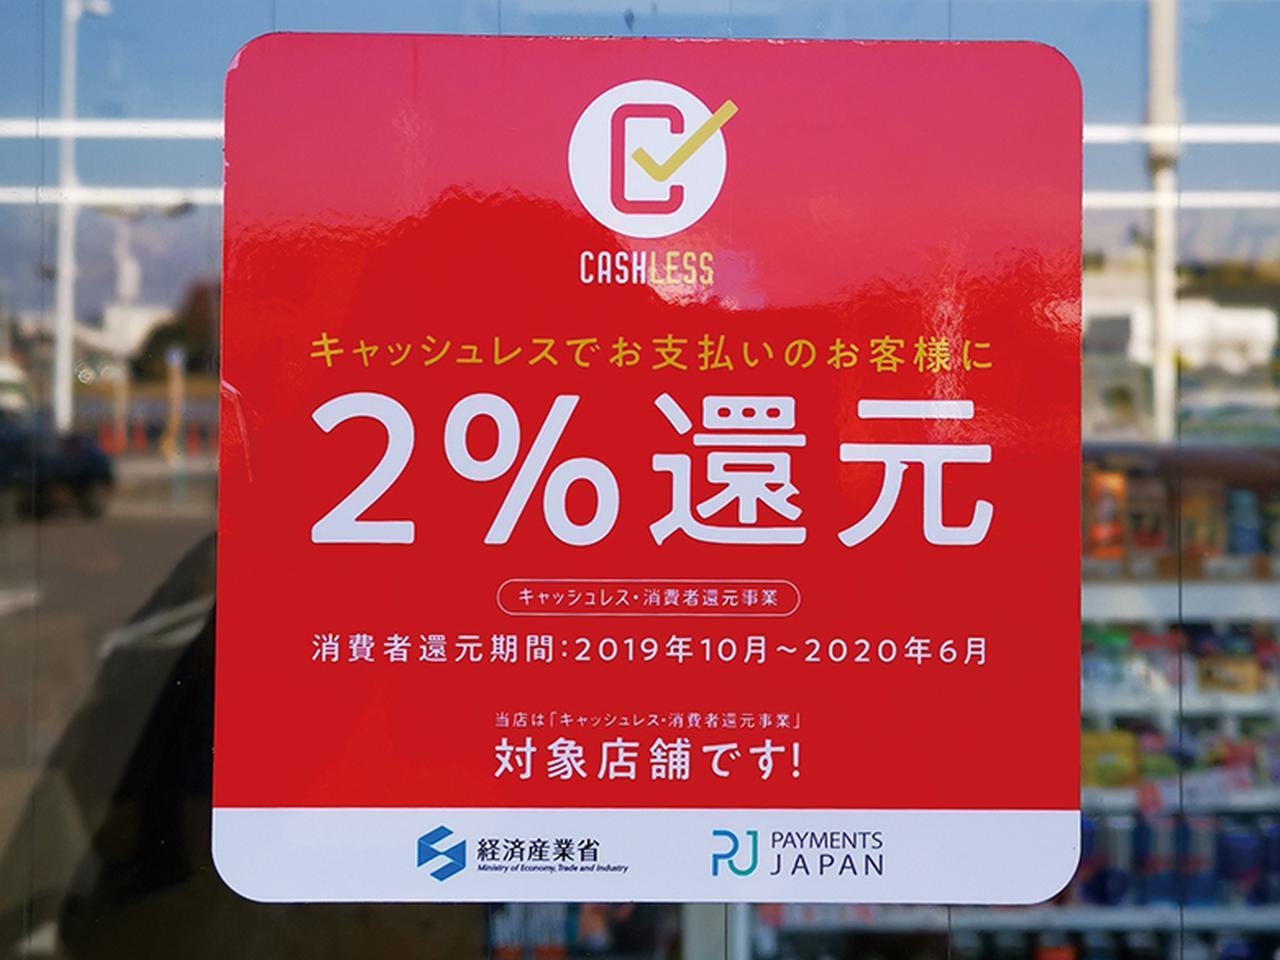 画像: このステッカーが掲示されている店舗なら還元が受けられる。